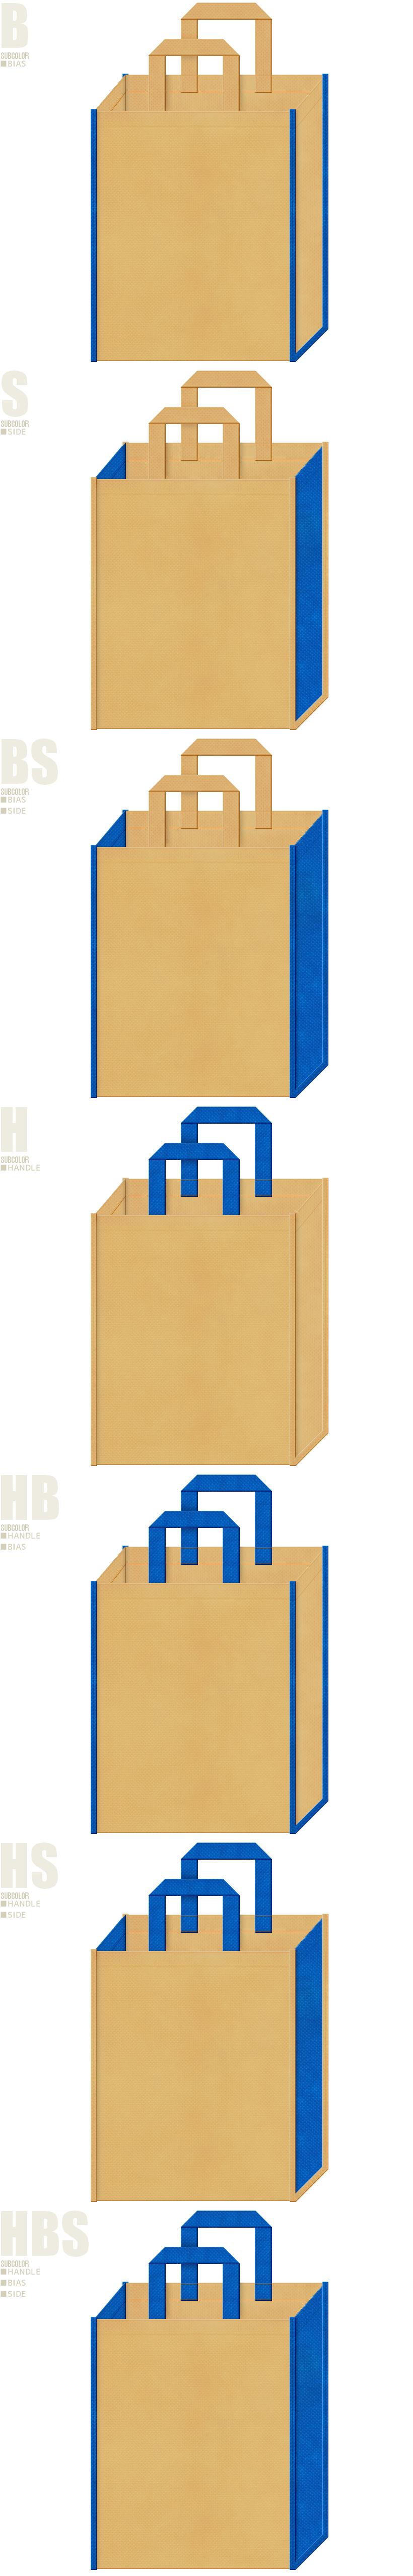 不織布バッグのデザイン:不織布メインカラーNo.8+サブカラーNo.22の2色7パターン